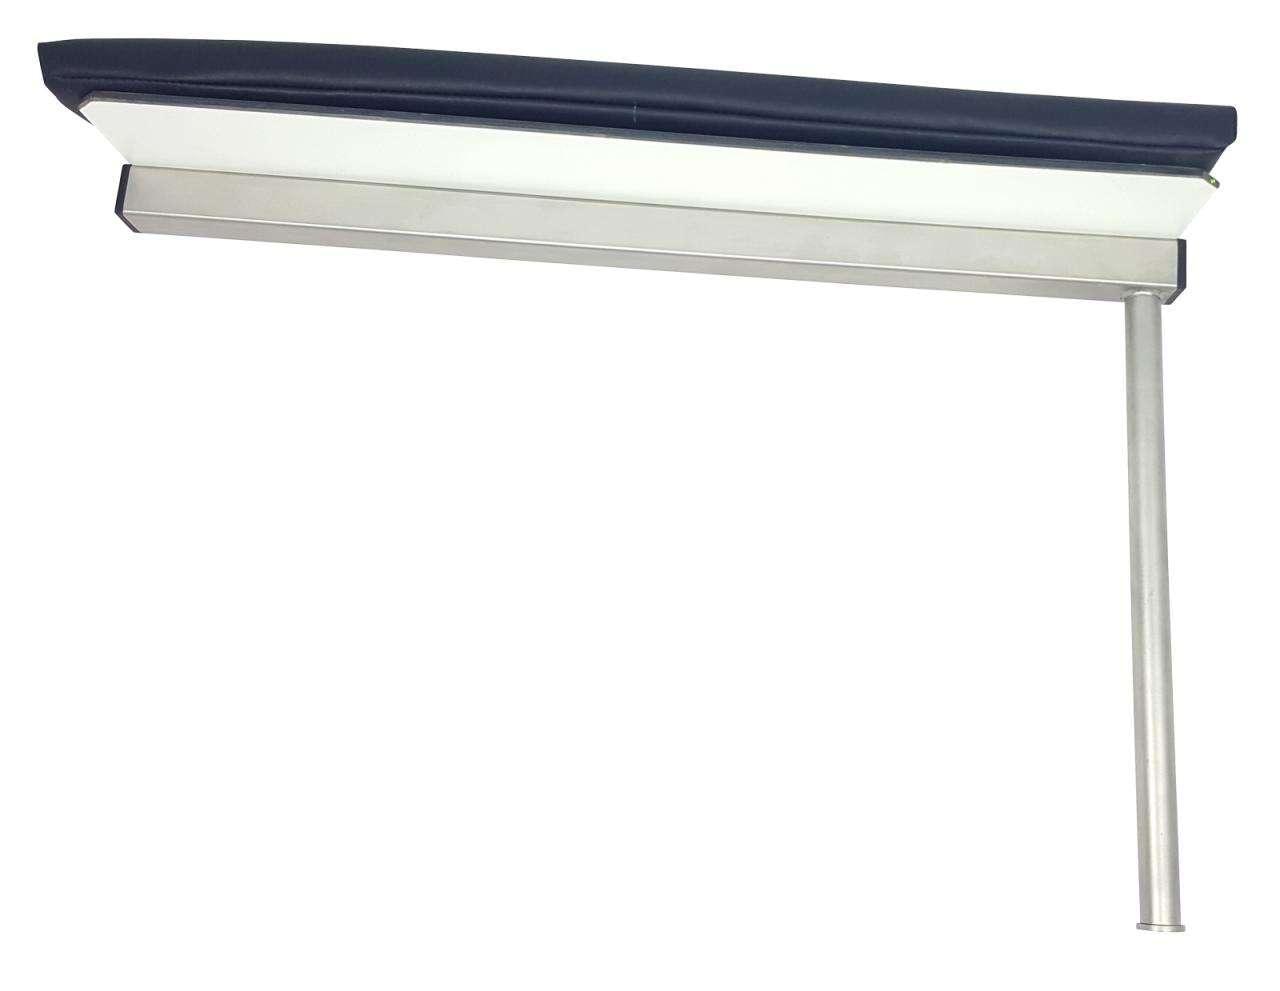 Armauflage auf Kunststoffplatte für OP Tisch oder Liege 1 Stück